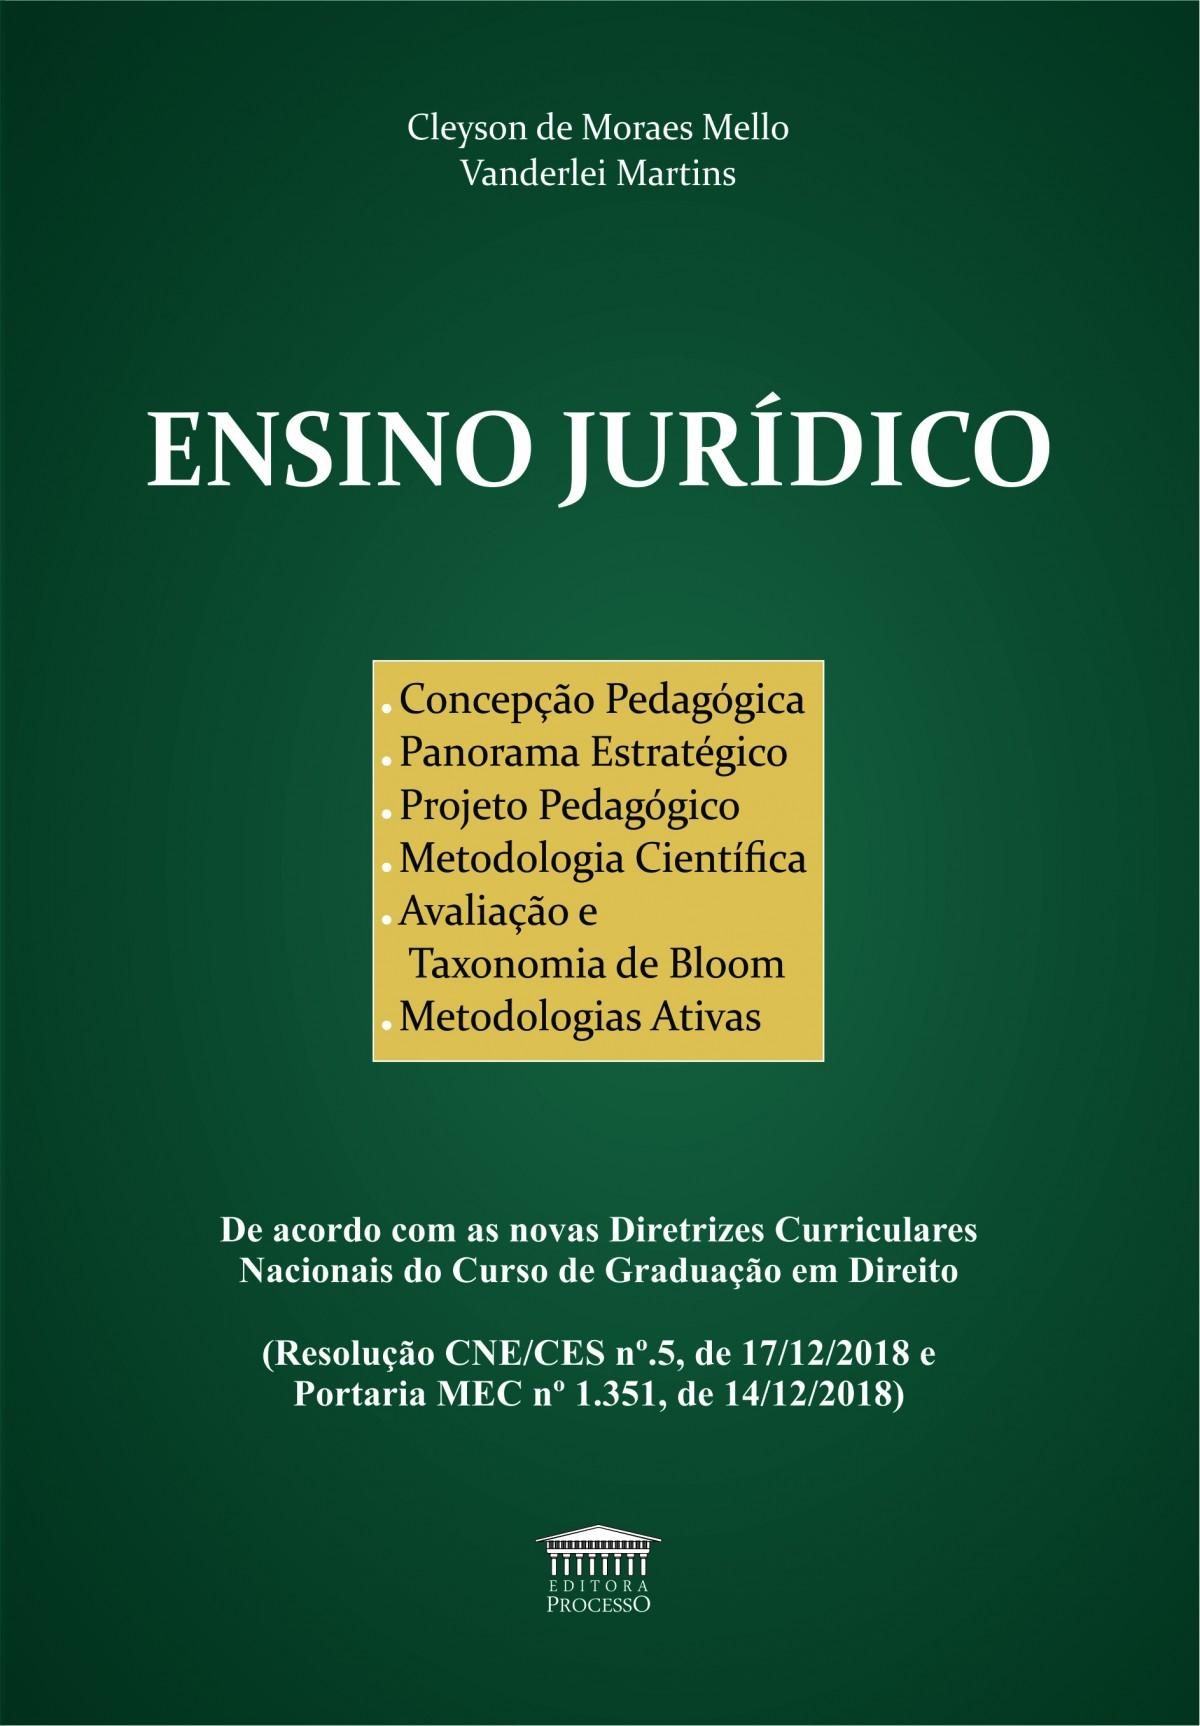 Foto 1 - Ensino Jurídico